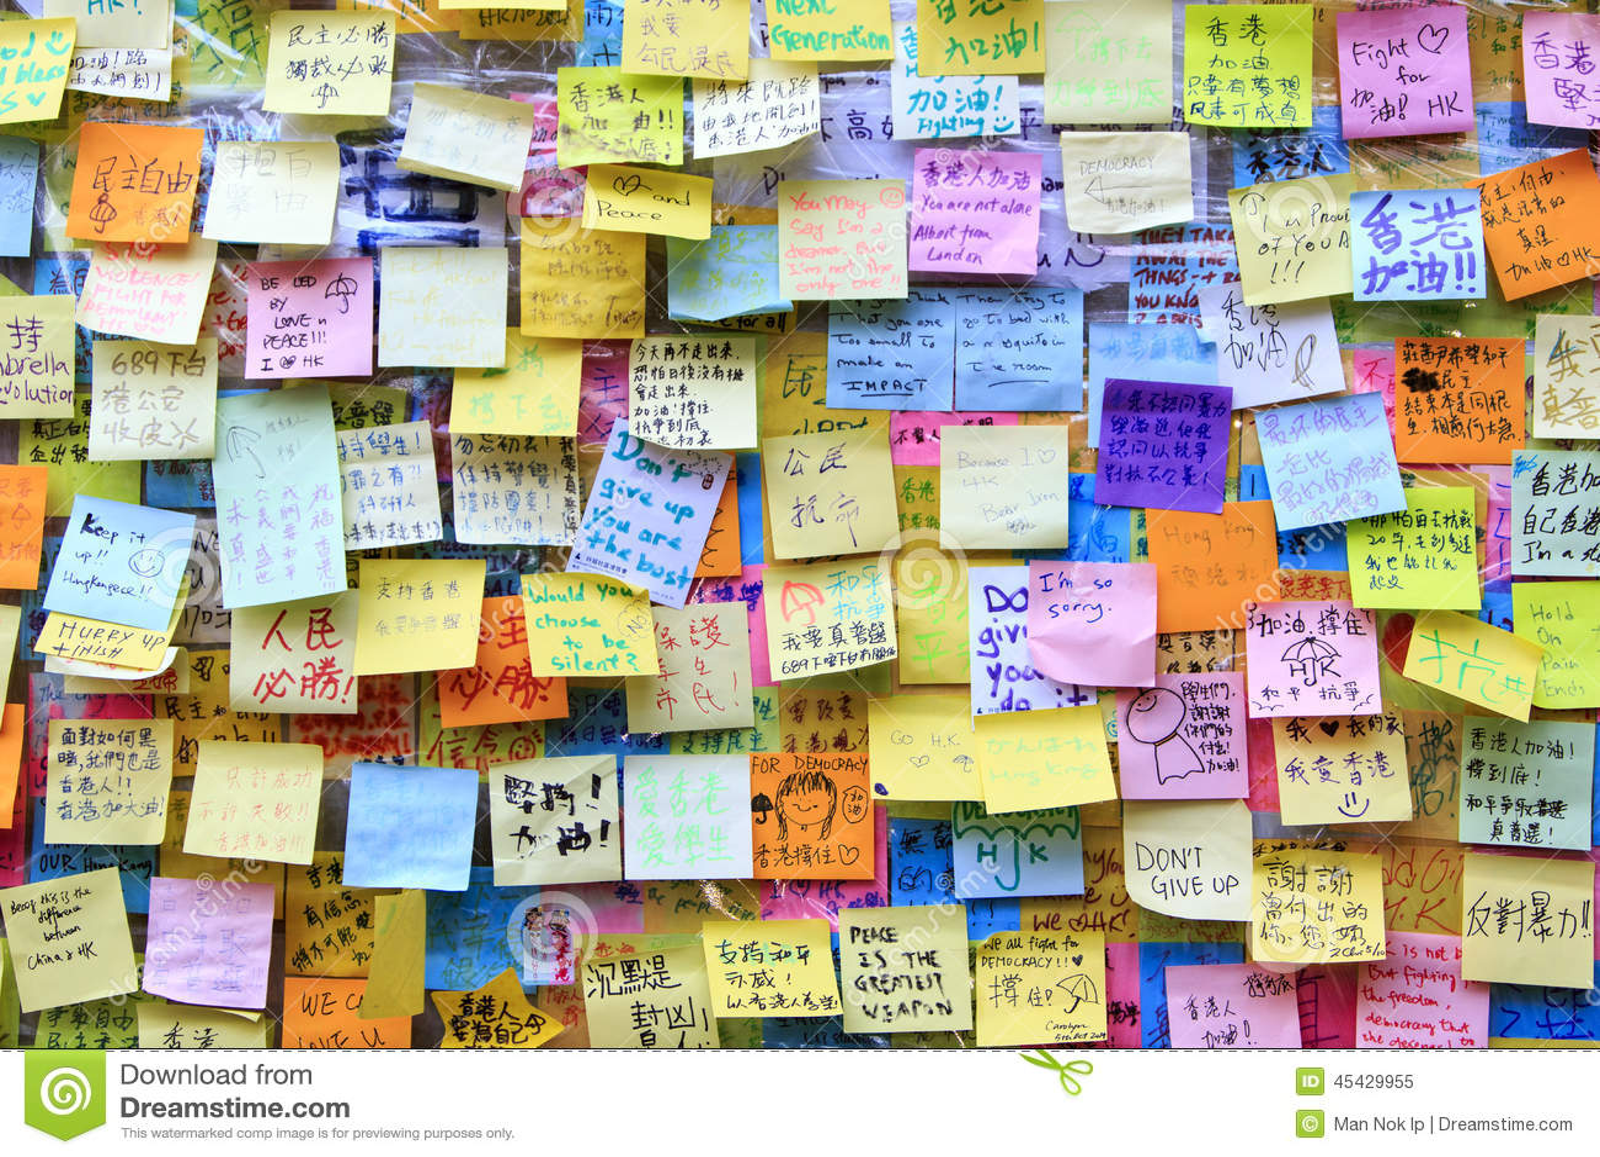 wall of wishes at umbrella revolution in hong kong